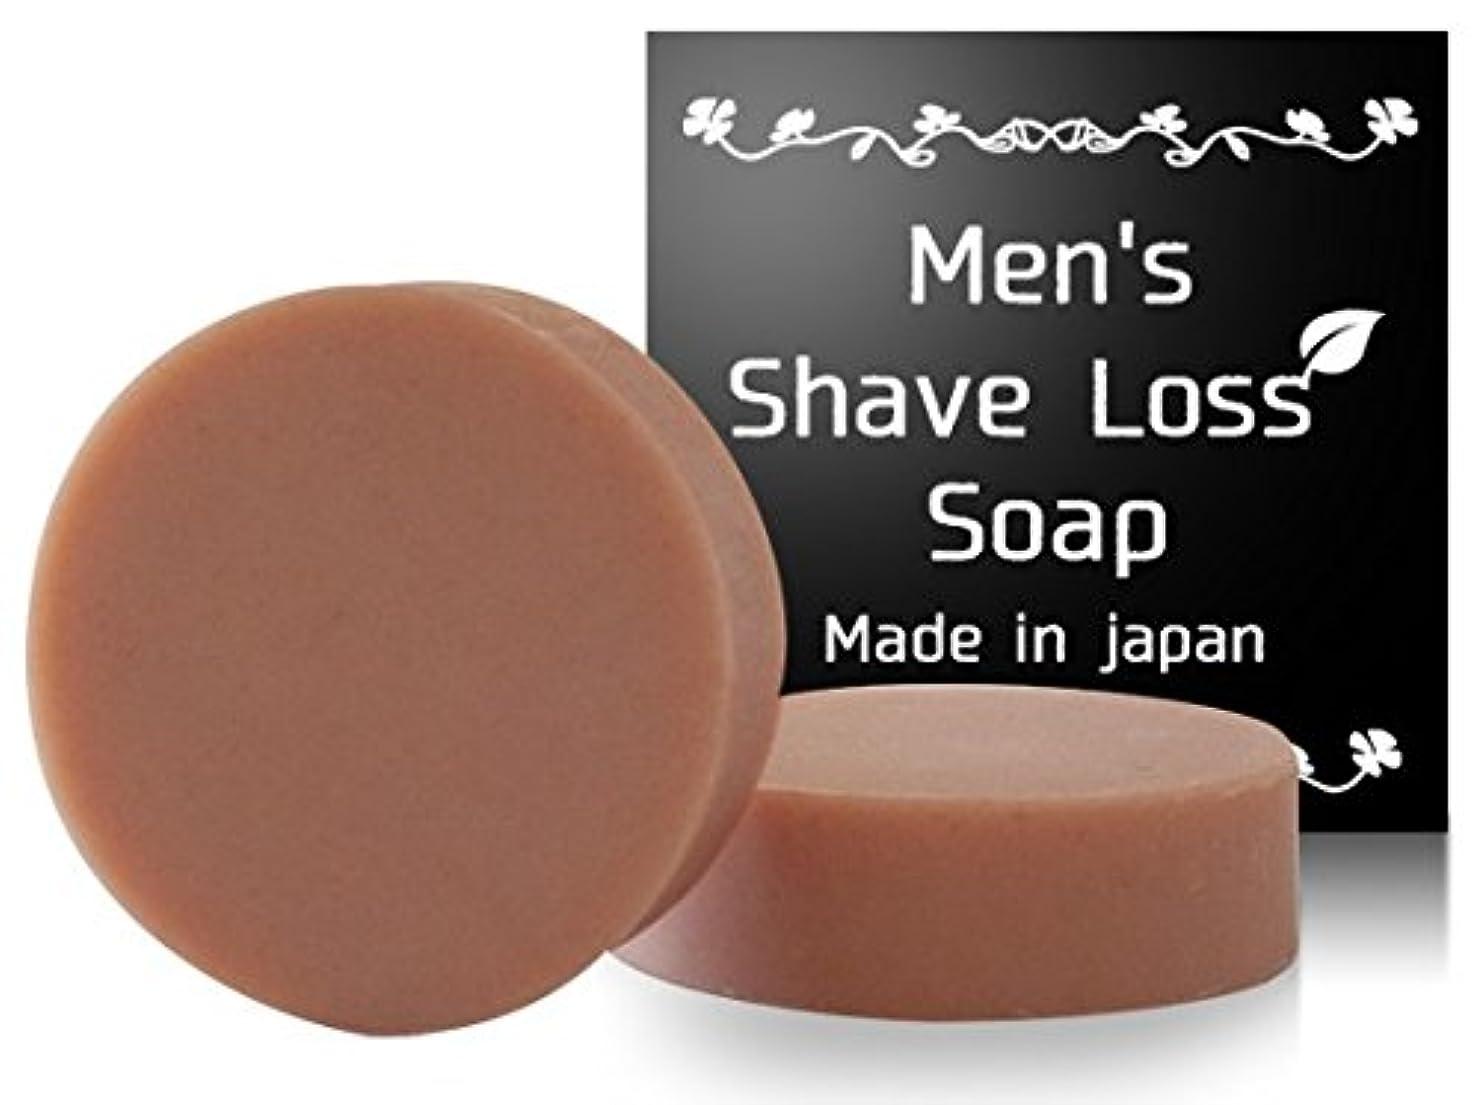 日曜日ワットスーパーマーケットMens Shave Loss Soap シェーブロス 剛毛は嫌!ツルツル過ぎも嫌! そんな夢を叶えた奇跡の石鹸! 【男性専用】(1個)